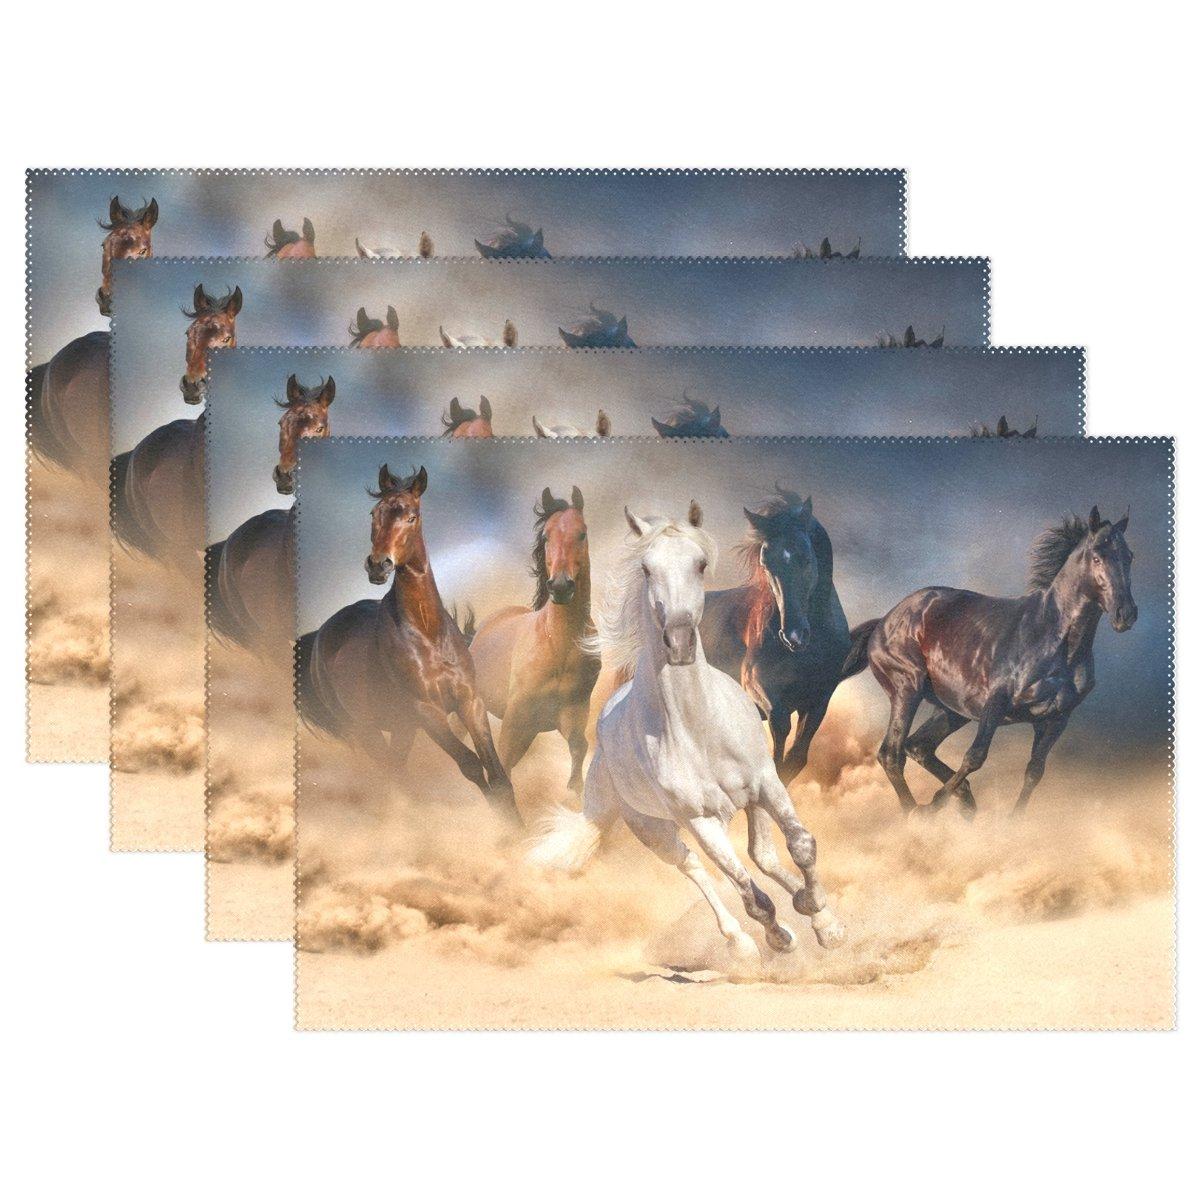 yochoiceヴィンテージレトロなカラフルRunning Horse Animalプレースマットプレートホルダーのセット1、スタイリッシュなポリエステルテーブルの配置マットプロテクターキッチンダイニングルーム12